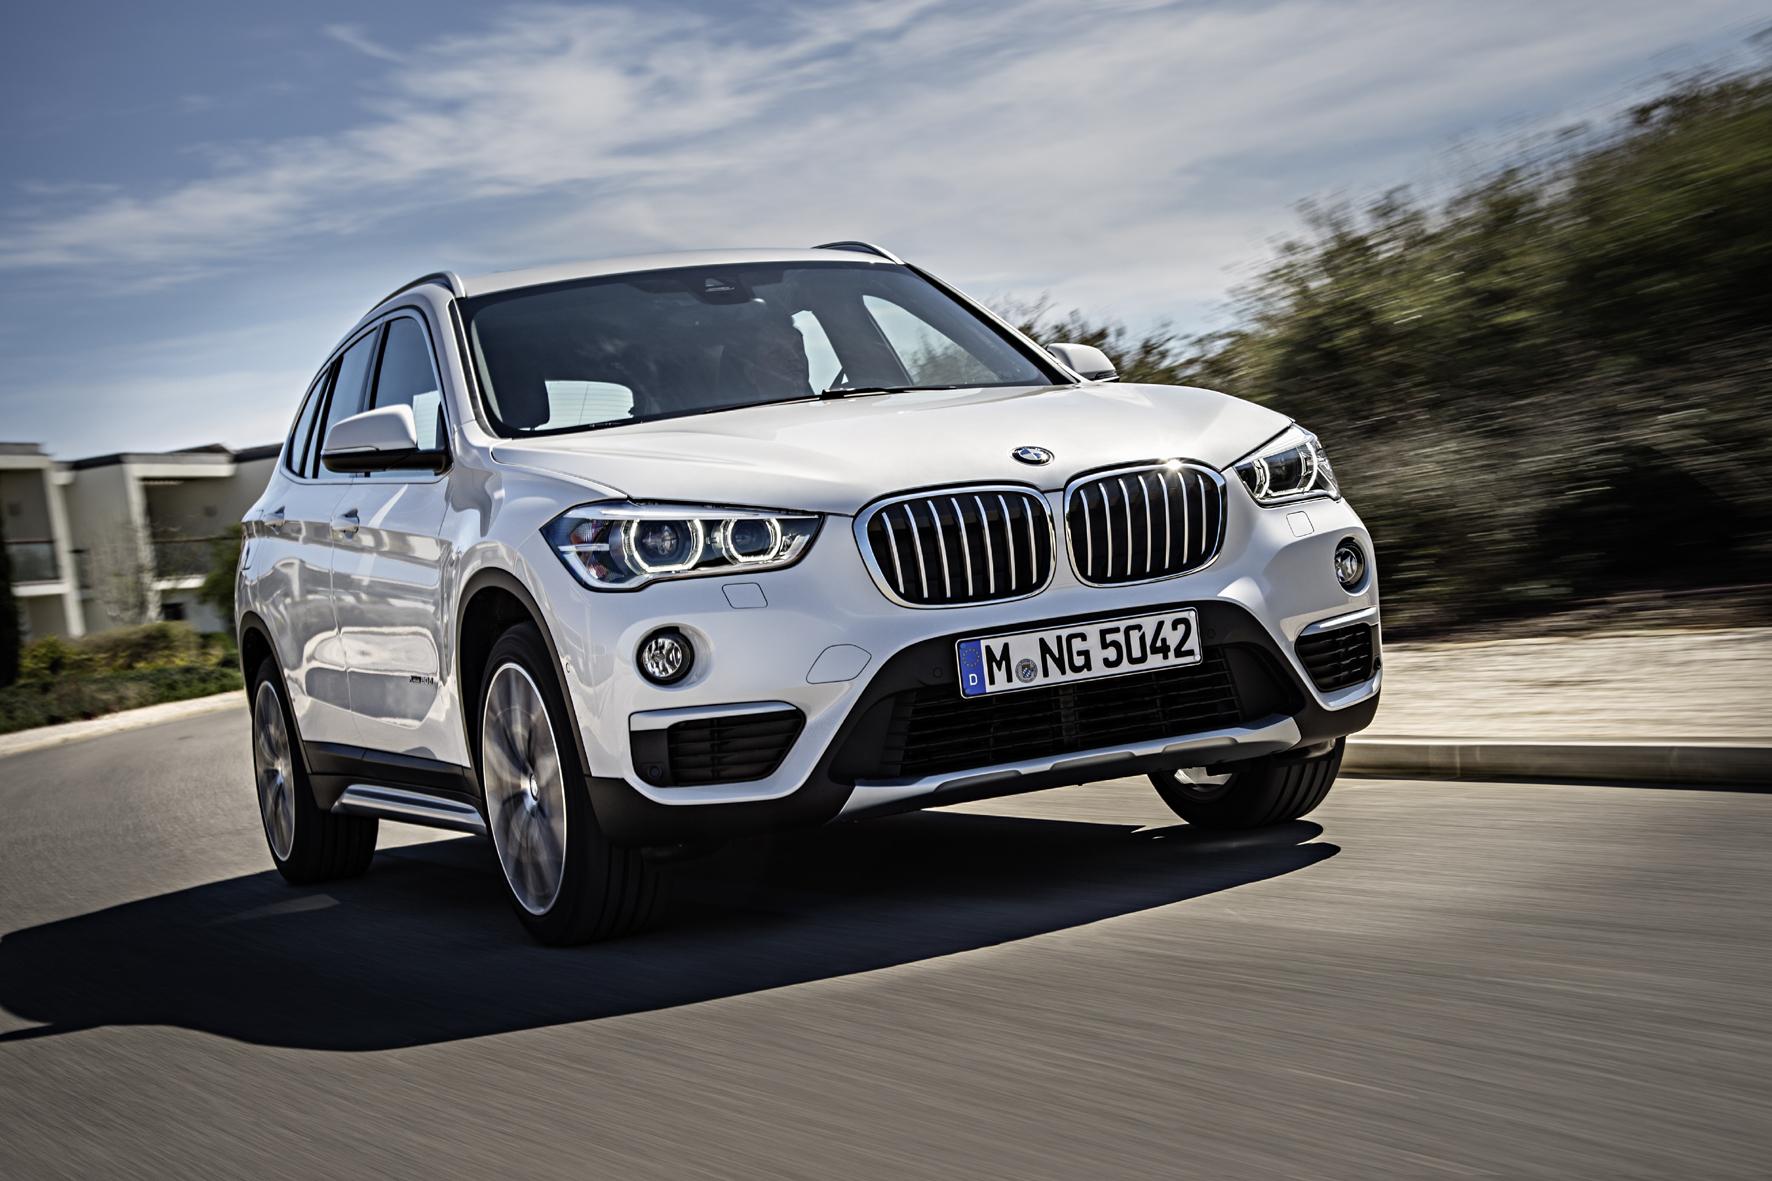 mid Achenkirch/Österreich - Alles neu: Beim neuen X1 setzt BMW auf Frontantrieb, geänderte Proportionen und zum Marktstart ausschließlich auf Vierzylinder-Motoren.